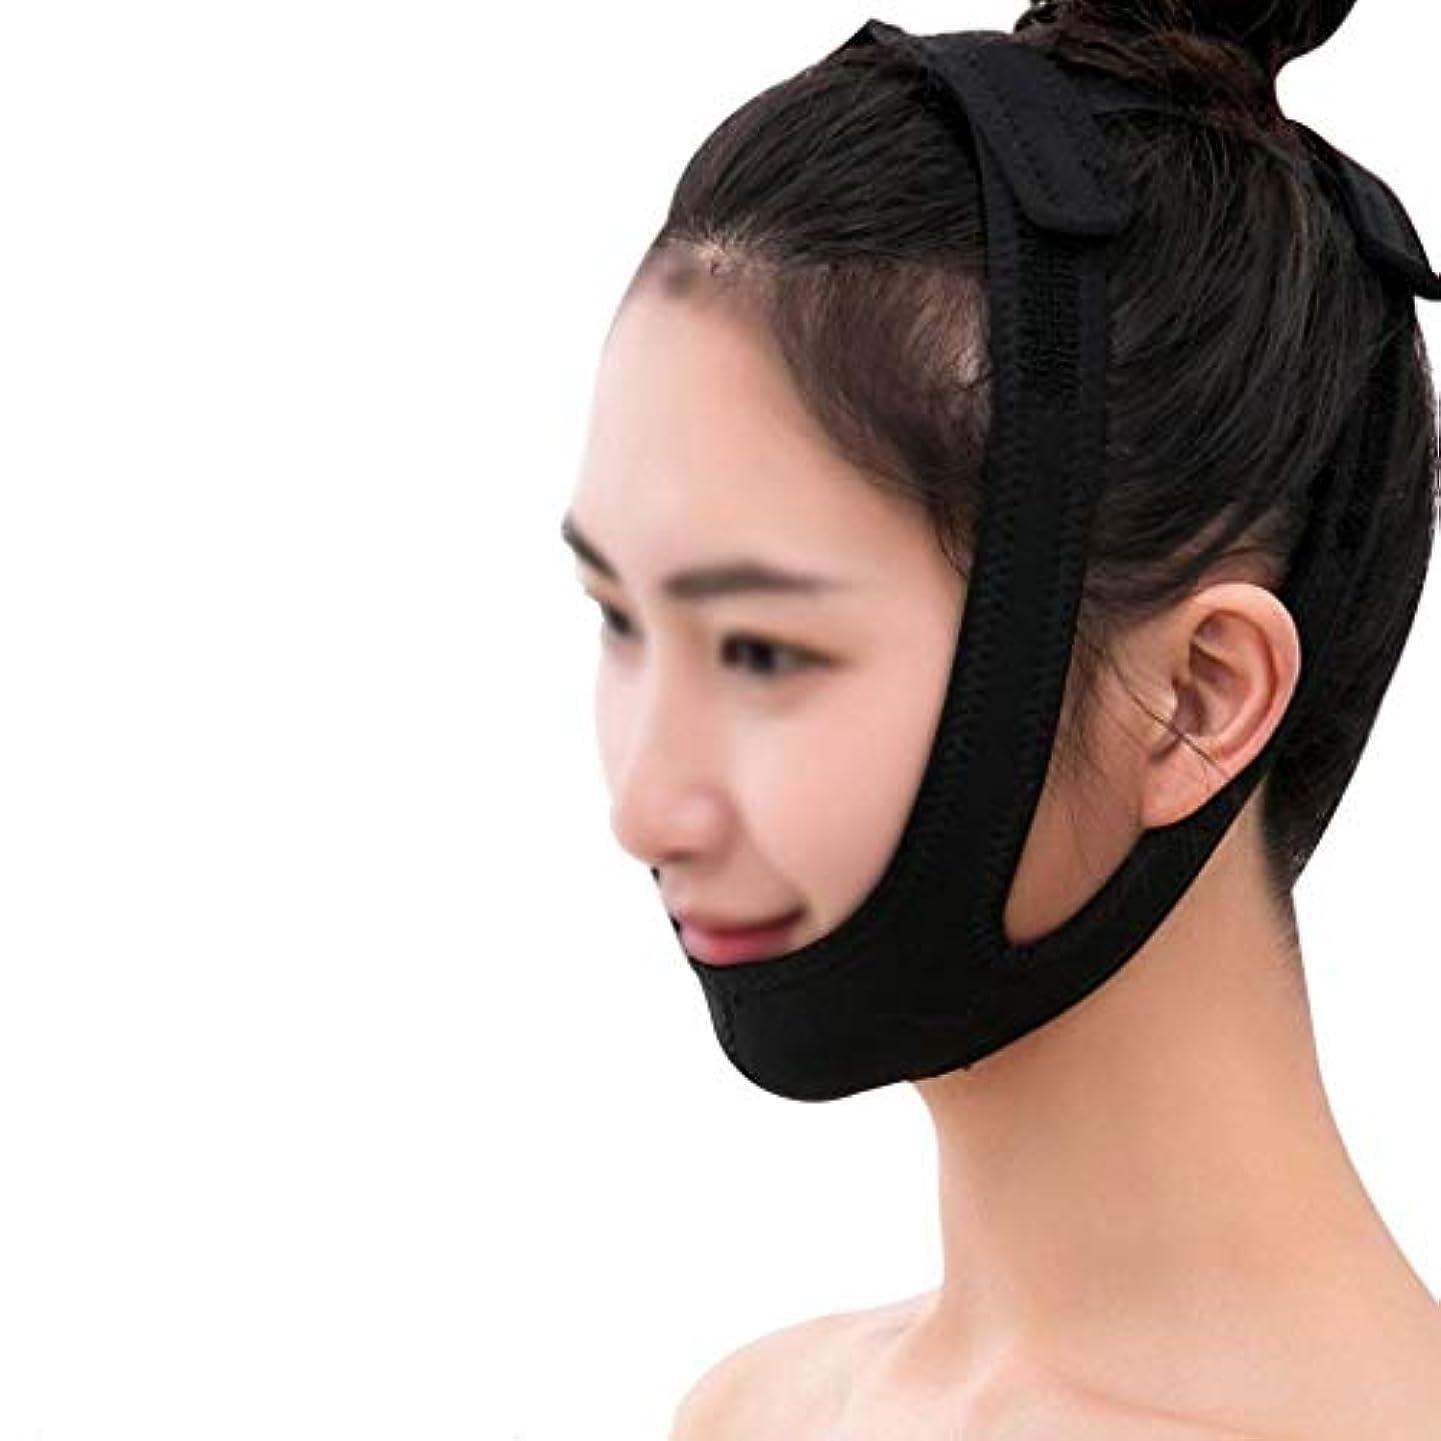 甲虫ハリウッド夫フェイシャルリフティングマスク、医療用ワイヤーカービングリカバリーヘッドギアVフェイスバンデージダブルチンフェイスリフトマスク